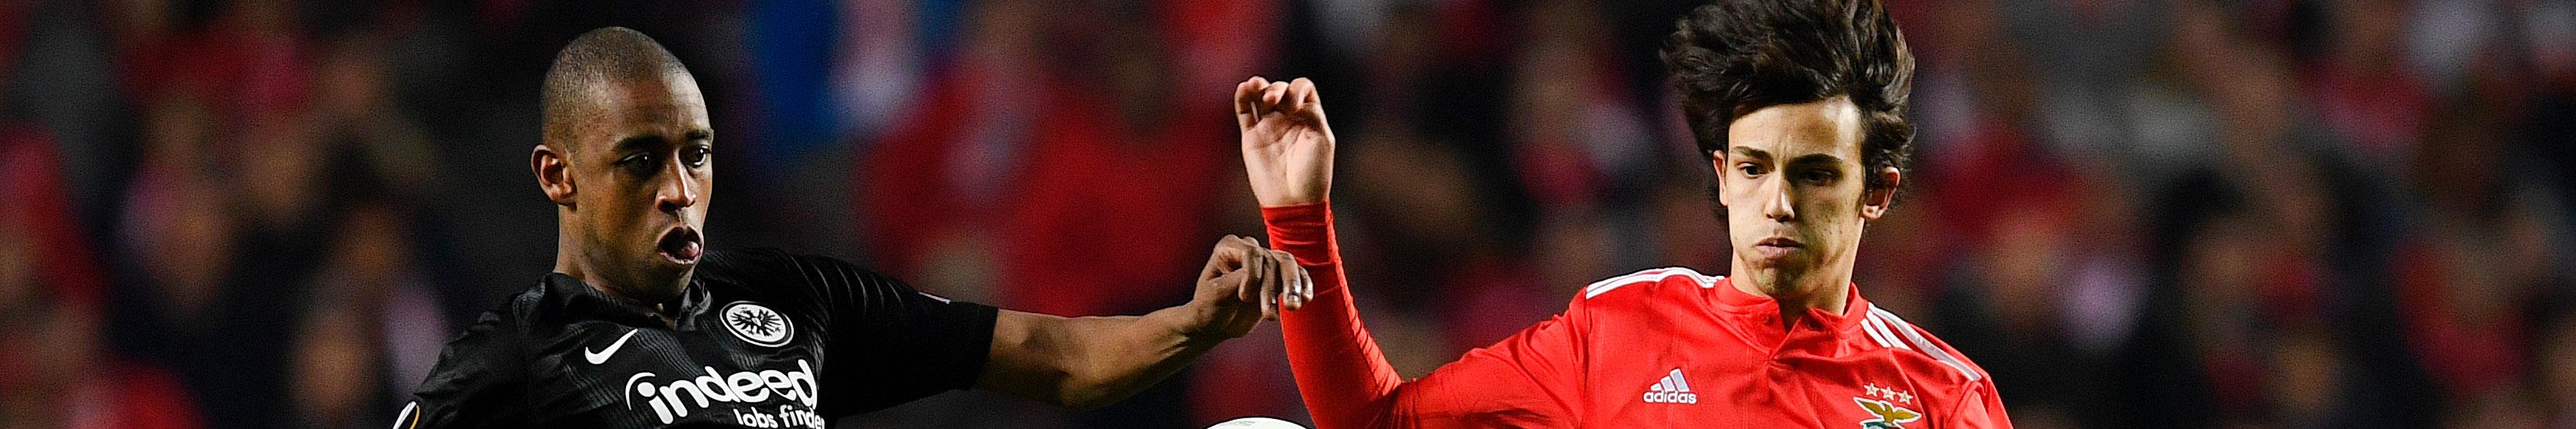 Eintracht Frankfurt - Benfica Lissabon: Die ultimative Herausforderung